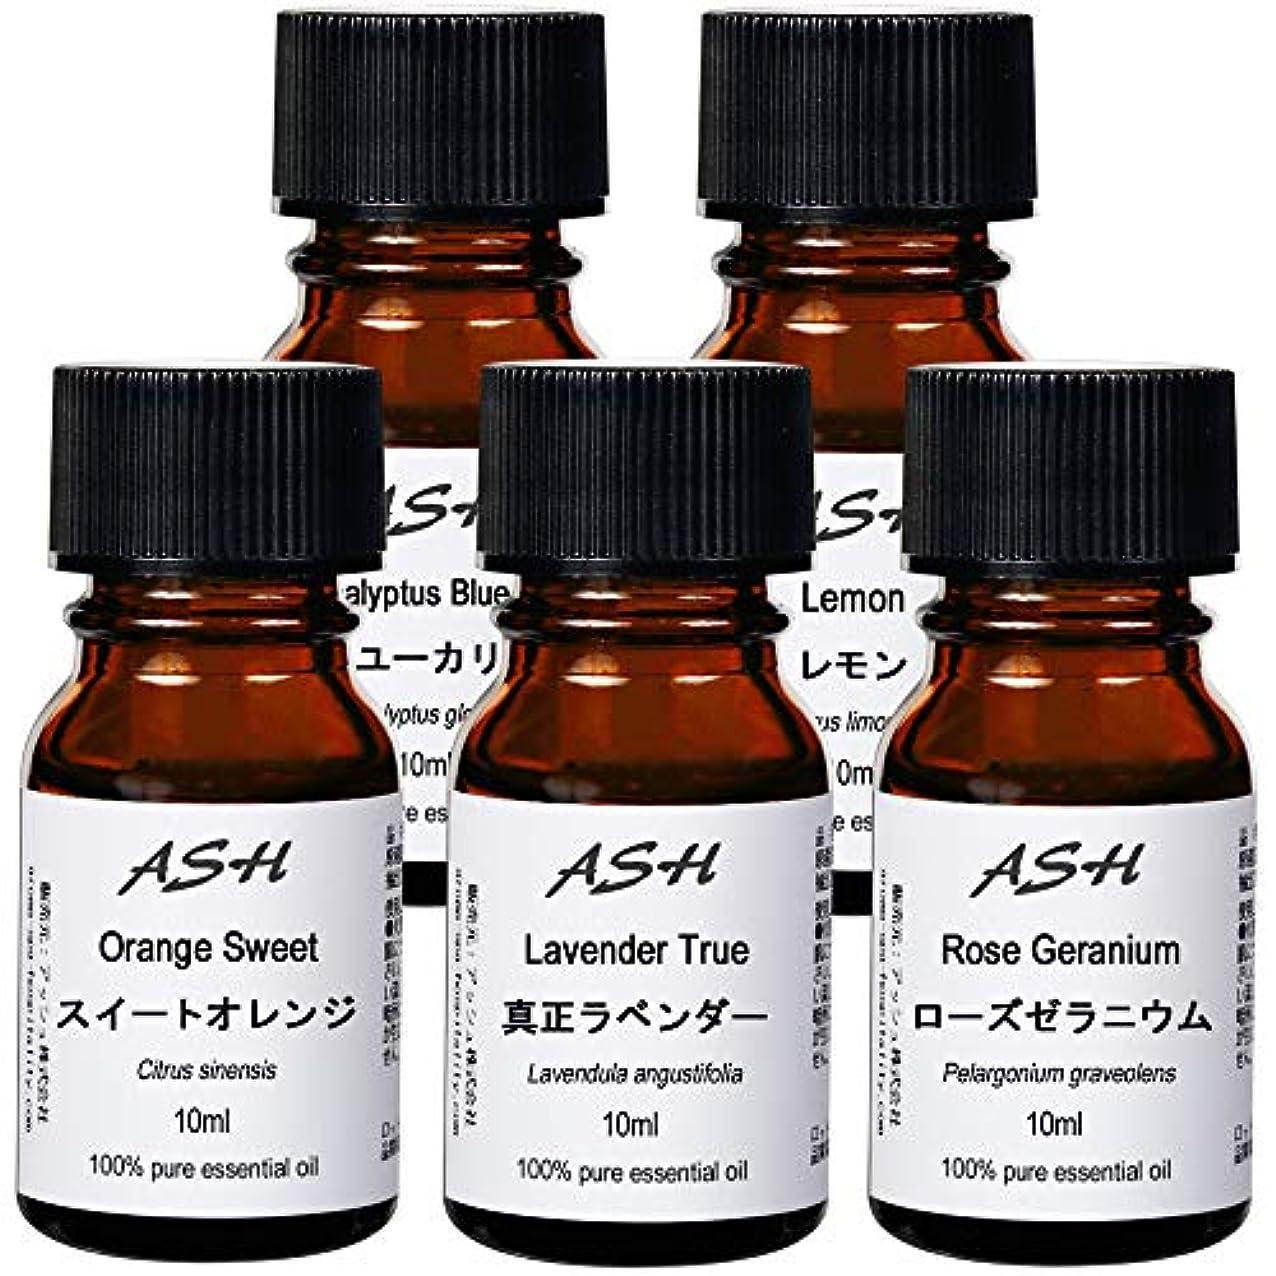 追加する差別的嵐のASH エッセンシャルオイル A.お試し 10mlx5本セット (スイートオレンジ/ユーカリ/ラベンダー/レモン/ローズゼラニウム) AEAJ認定精油